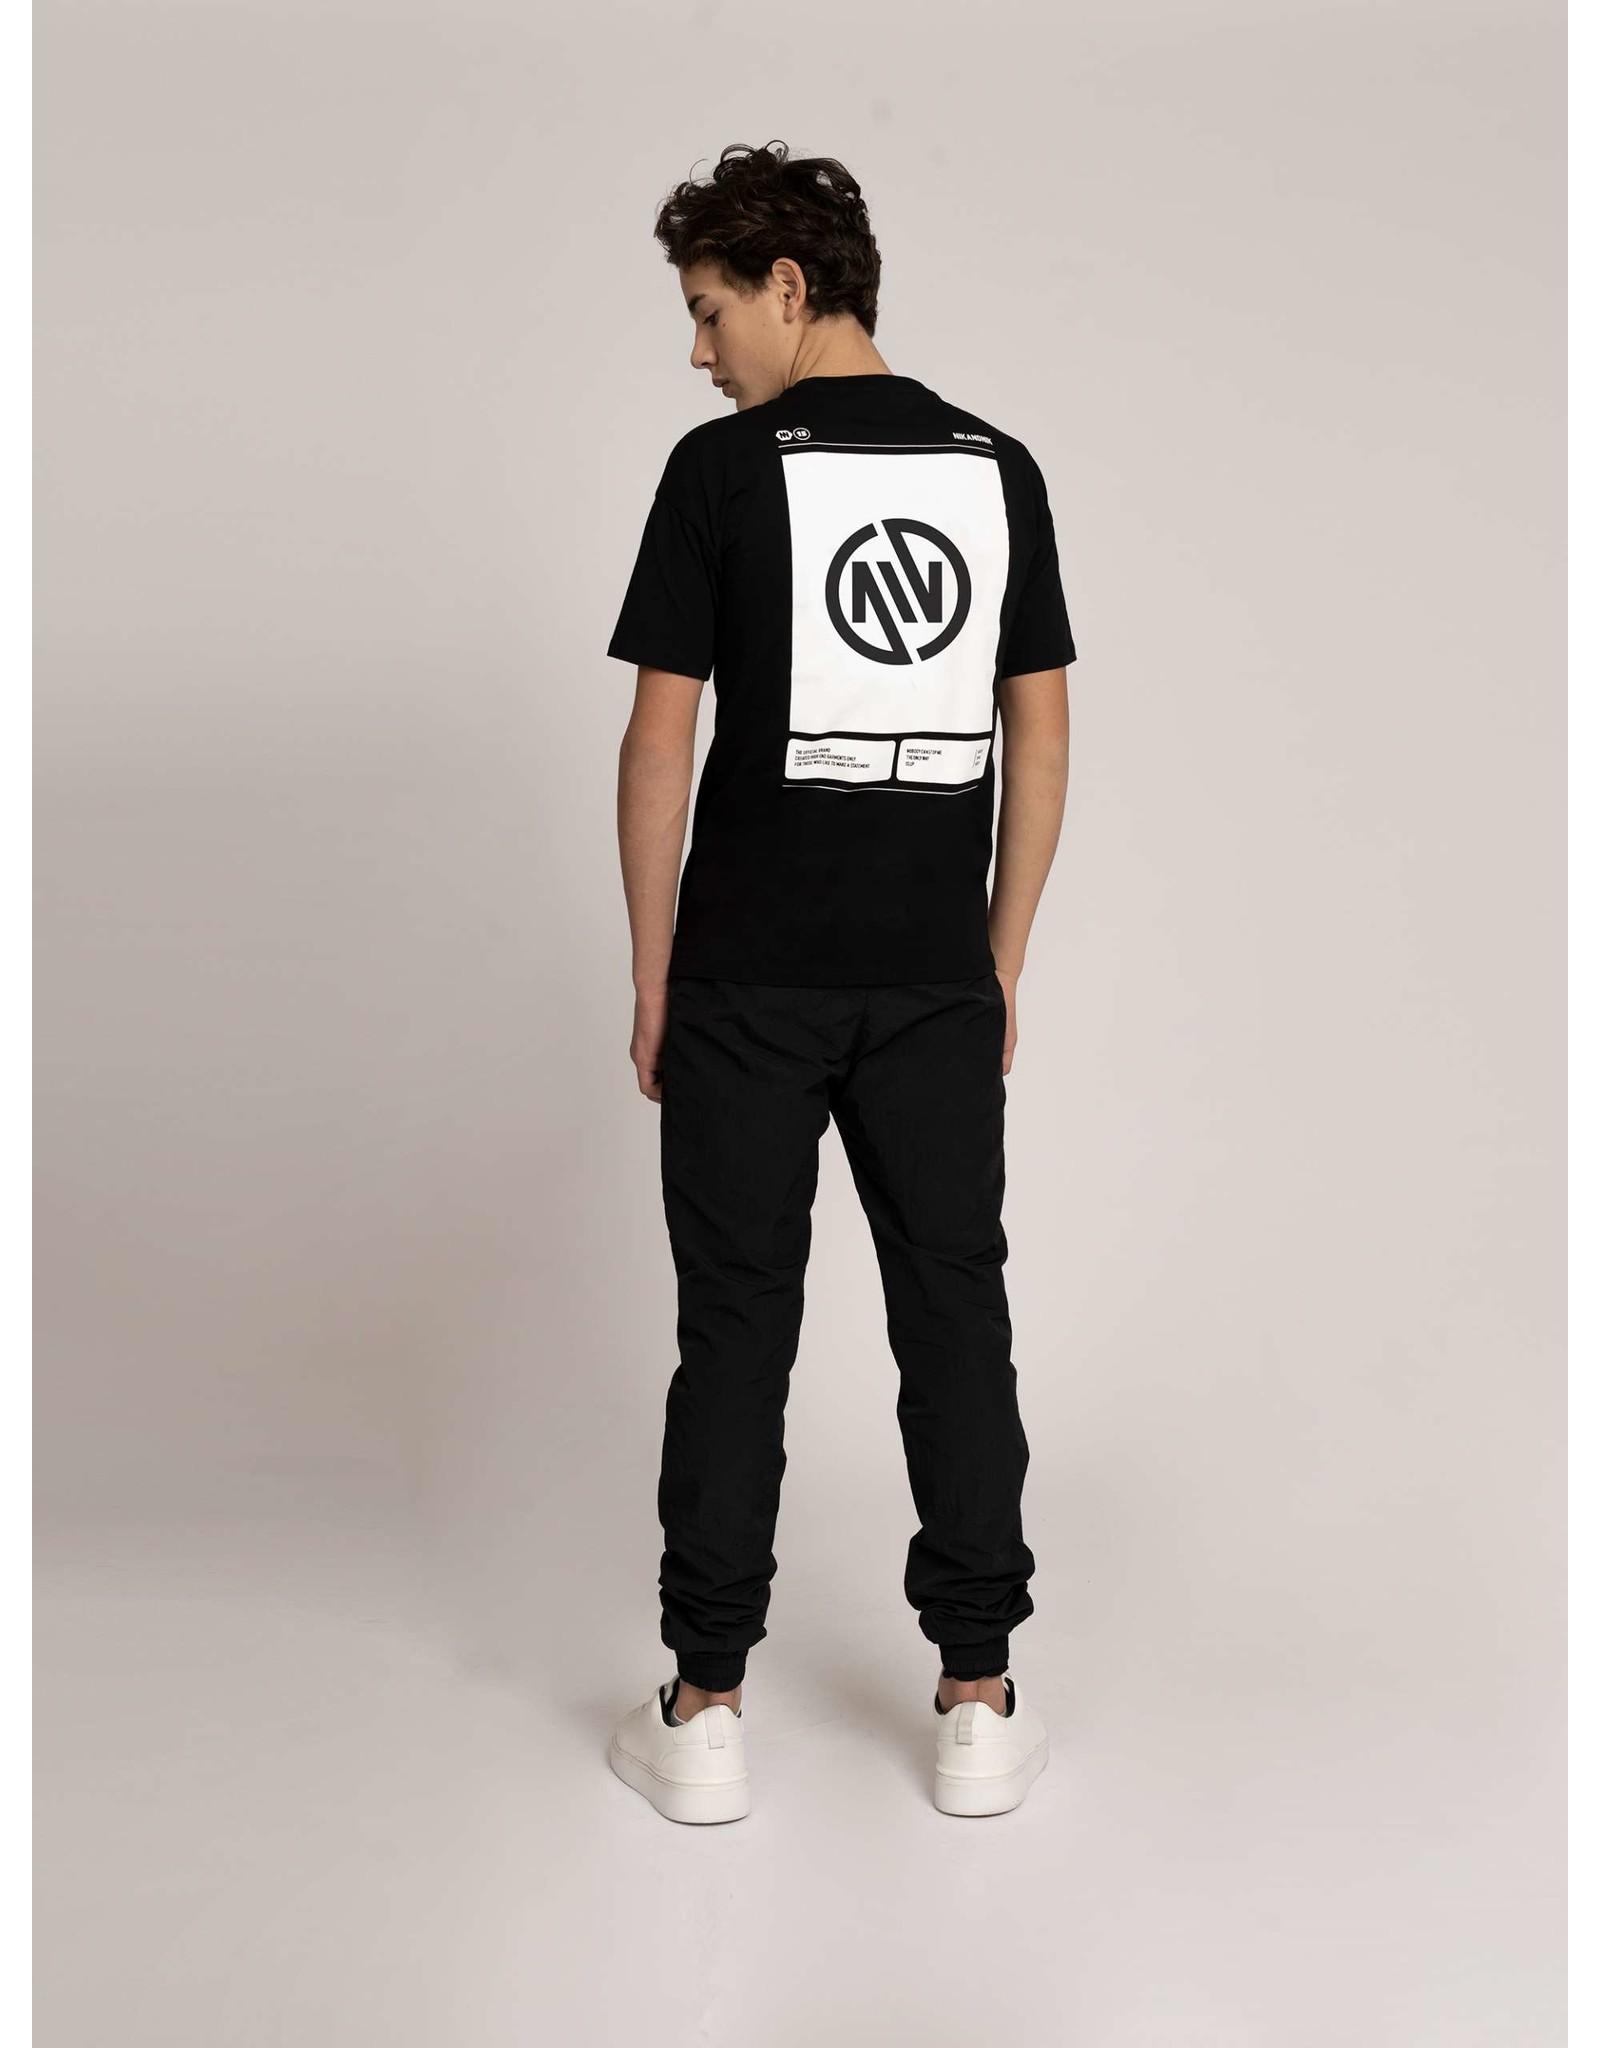 Nik&Nik NIK&NIK Wilmer T-shirt Black